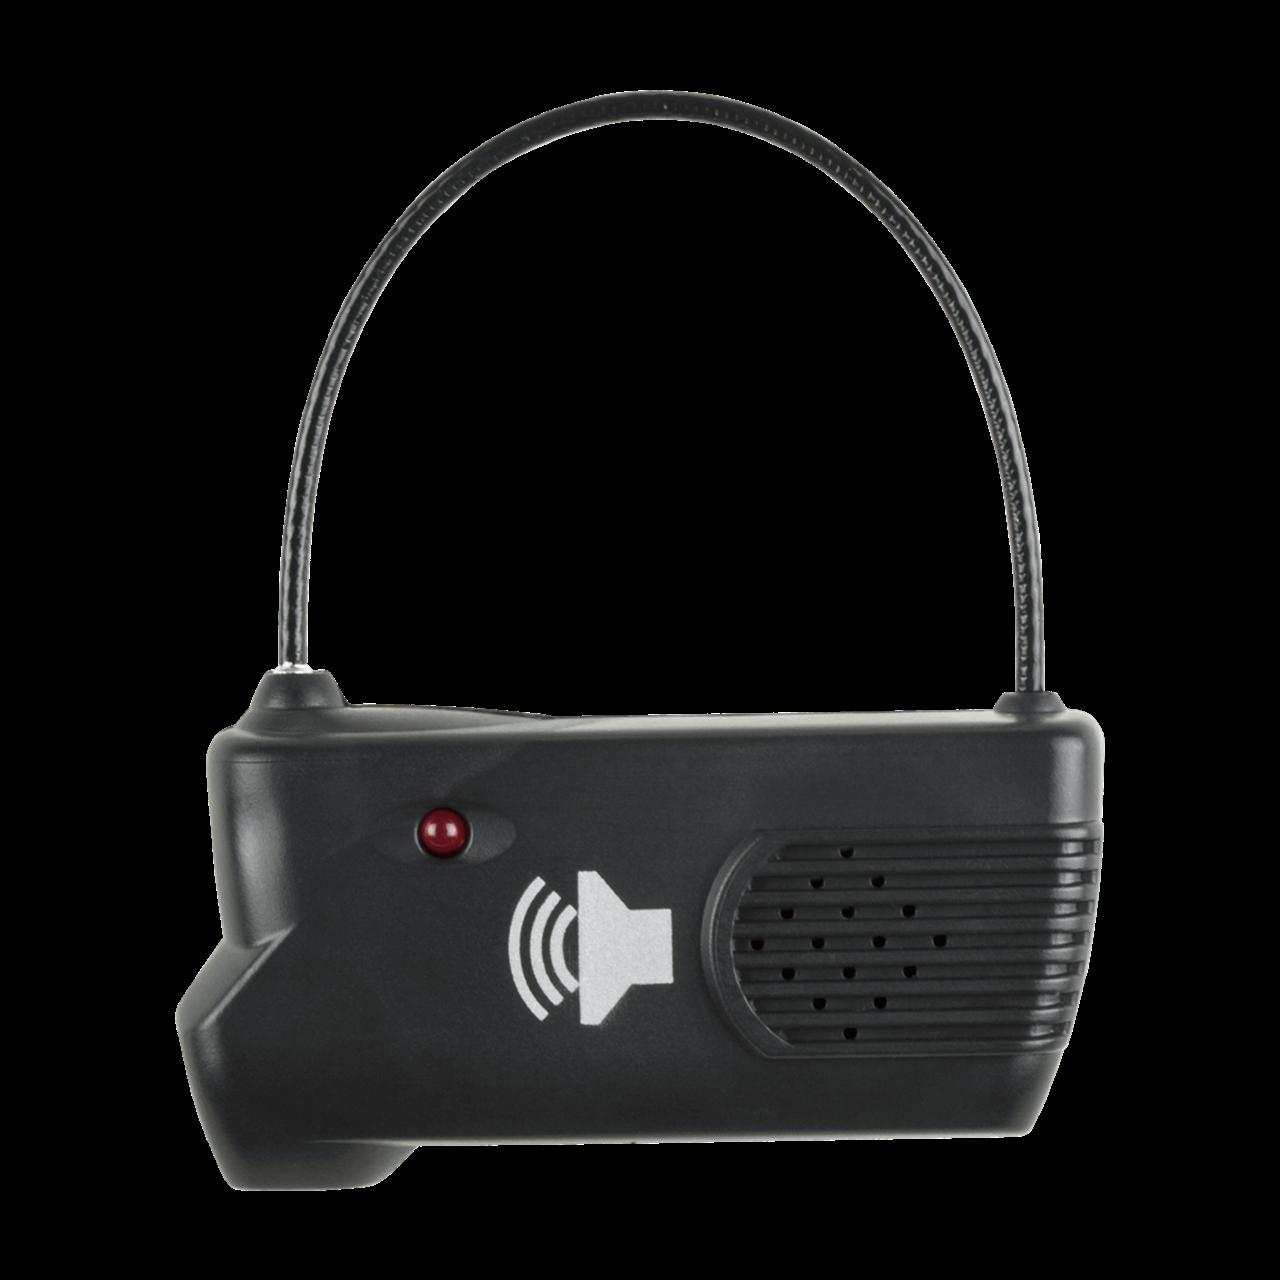 Sensormatic Magnetic Mini Alarming 2-Tone Lanyard  in Armenia